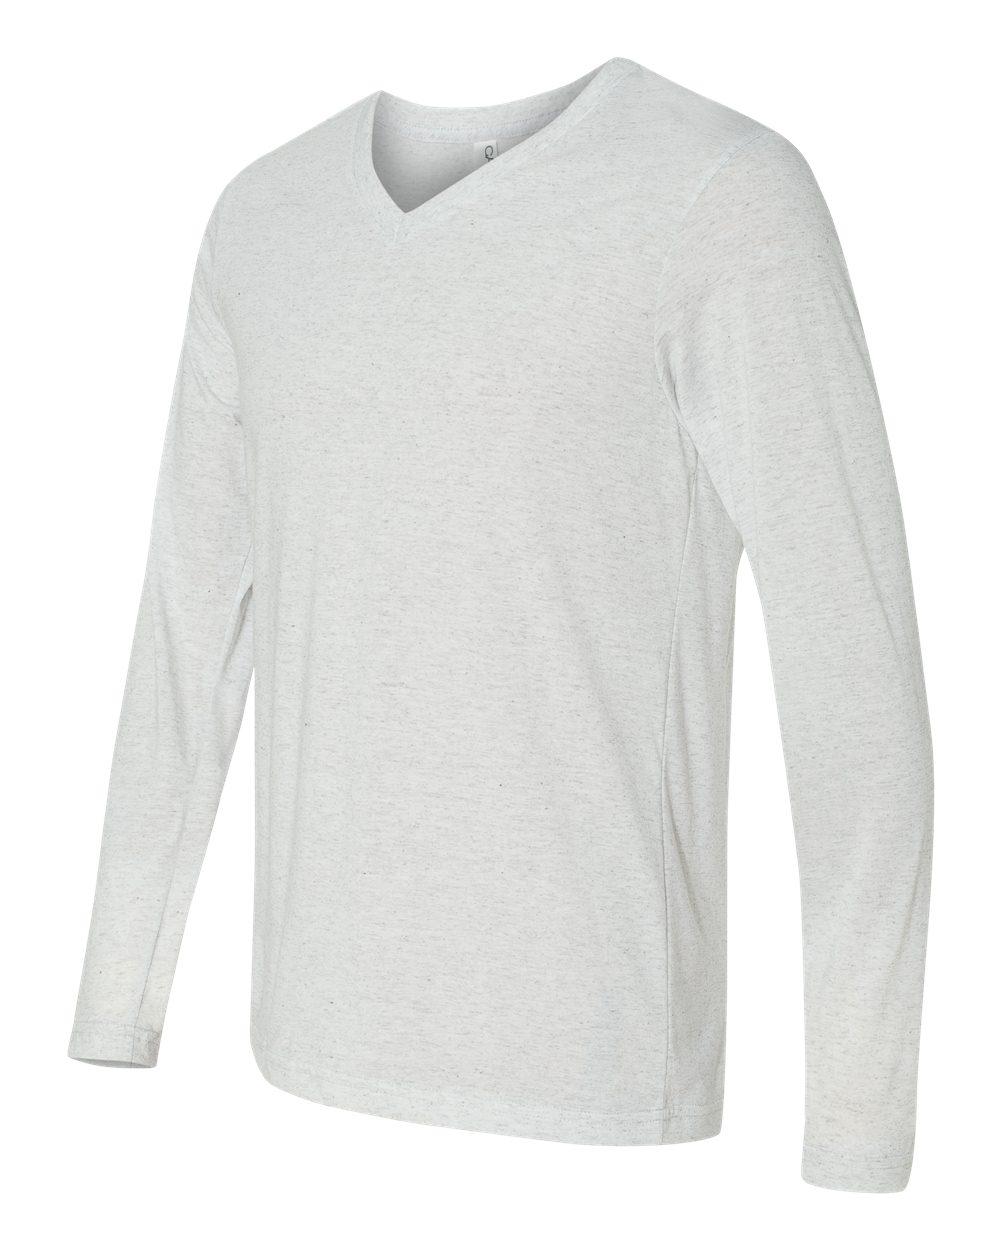 Bella-Canvas-Unisex-Jersey-Long-Sleeve-V-Neck-T-Shirt-3425-XS-2XL thumbnail 12